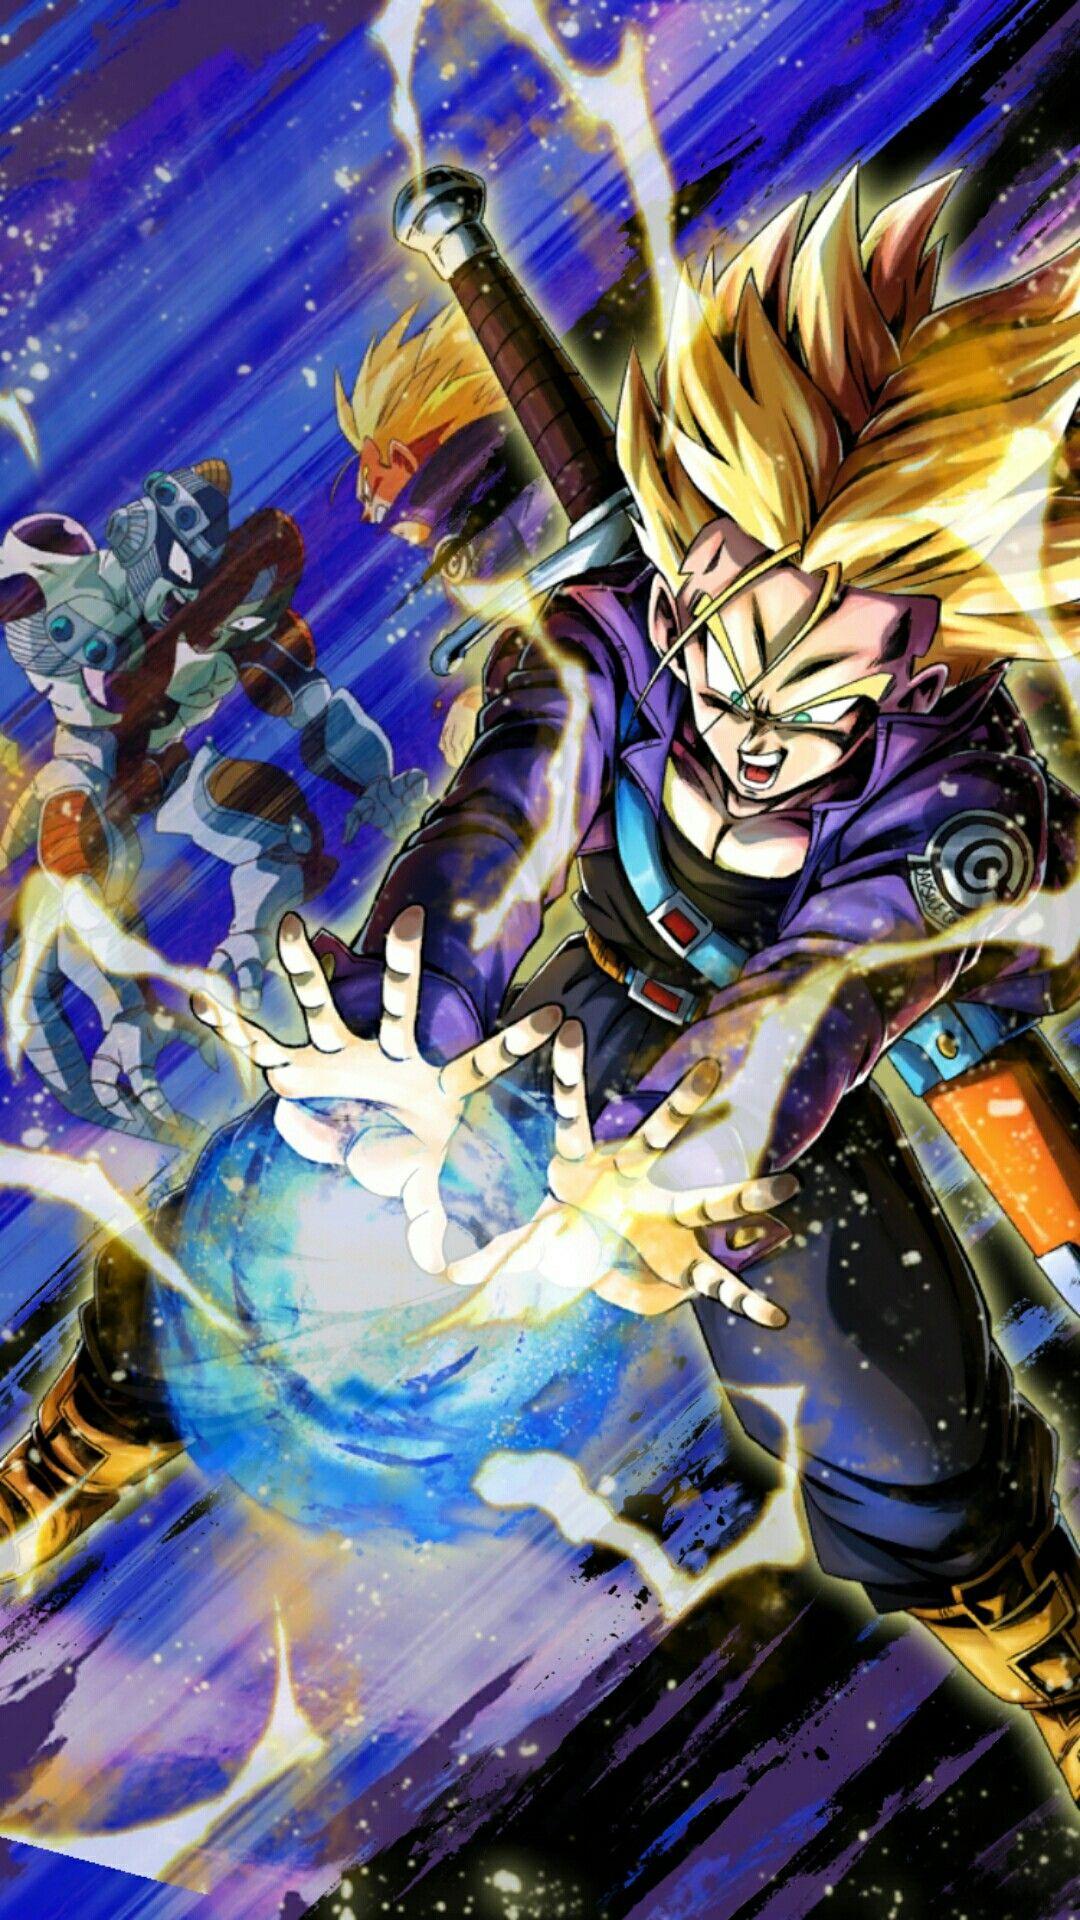 Super Saiyan Trunks Dragon Ball Wallpapers Dragon Ball Wallpaper Iphone Anime Dragon Ball Super